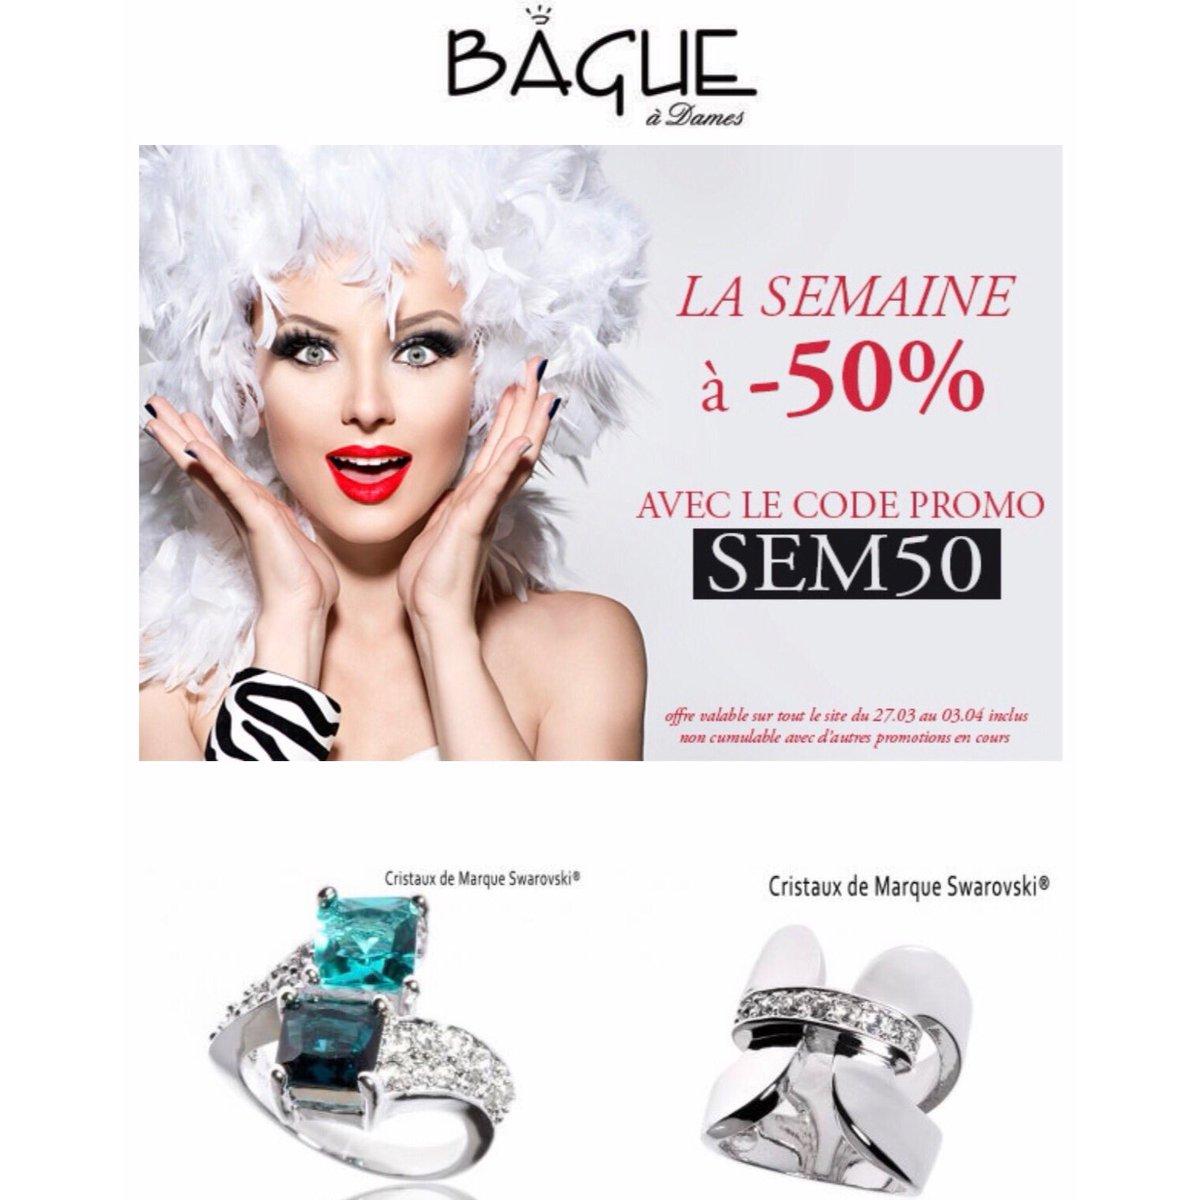 Bon Plan Mode avec @BagueaDames  #BONPLAN #bonplanmode #fashionblogger <br>http://pic.twitter.com/6JSjgiroGn